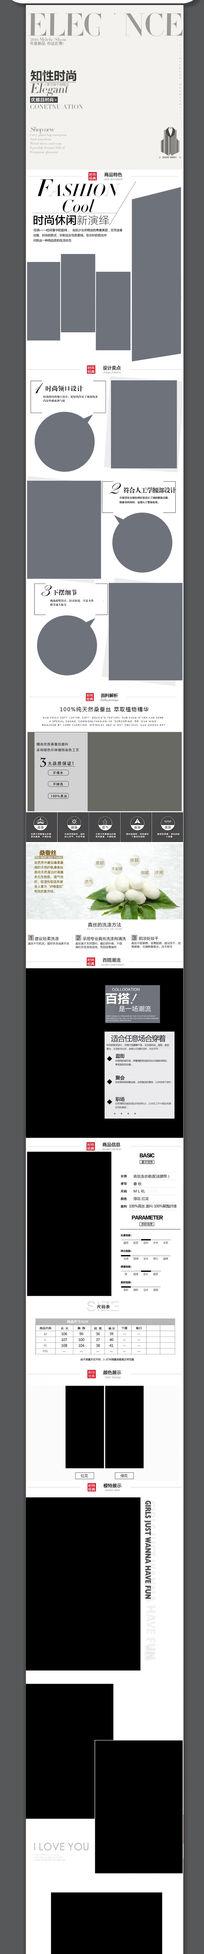 淘宝网店夏秋连衣裙详情页模板psd下载图片下载